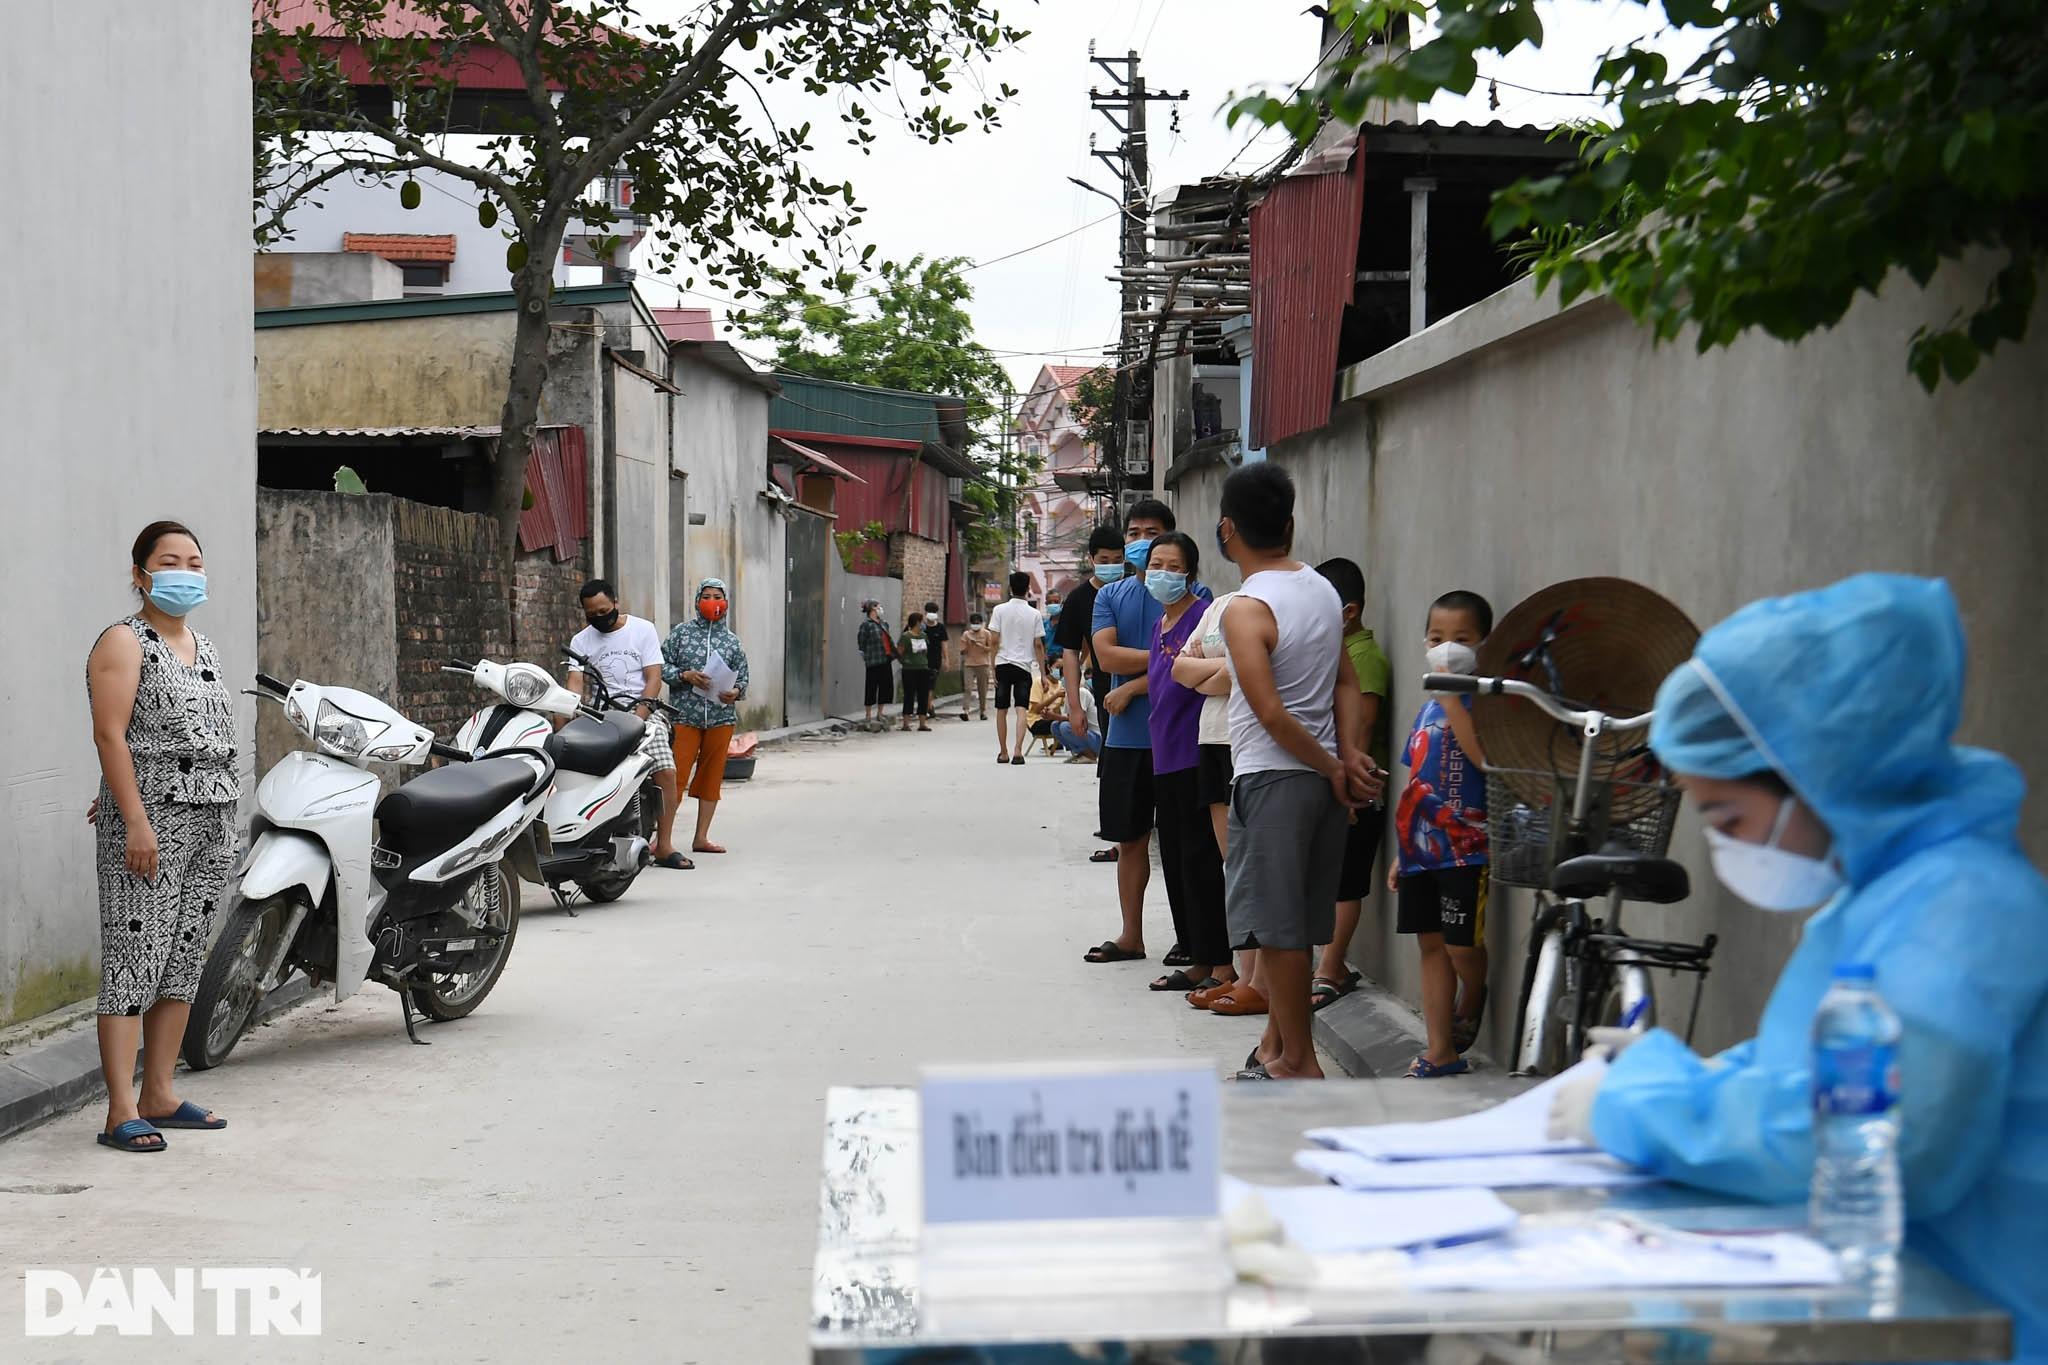 Cuộc sống khu dân cư cách ly ở Hà Nội: Cầu trời cho dịch bệnh qua nhanh - 6